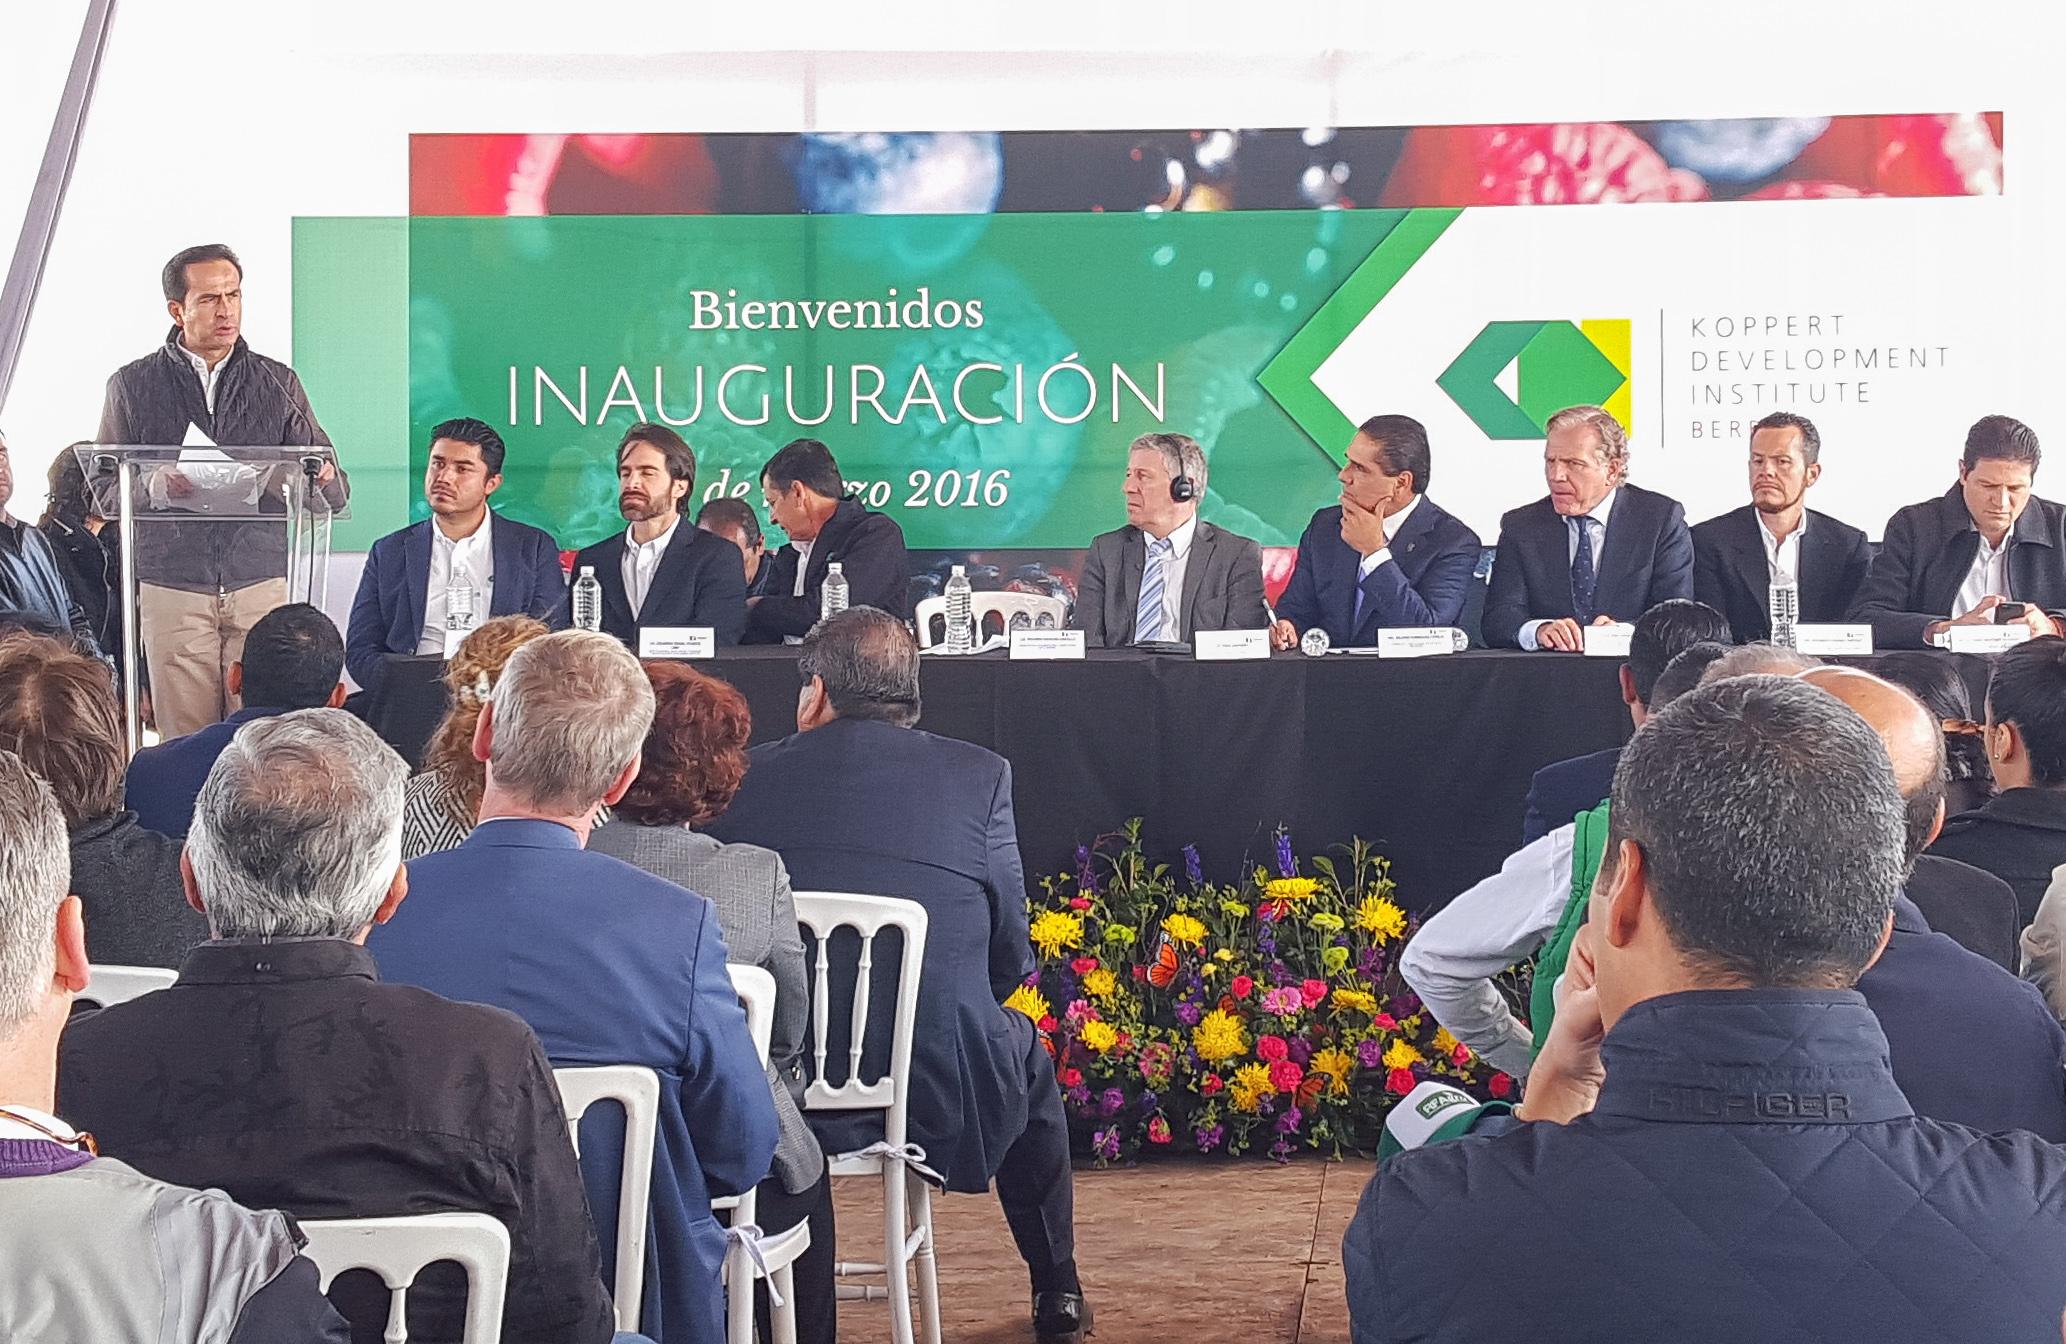 """La SAGARPA publicará """"Avisos de Cancelación"""" para seis Normas Oficiales Mexicanas (NOM) de requisitos mínimos para biológicos como vacunas, antígenos y reactivos, con el objetivo de modernizar el marco regulatorio."""